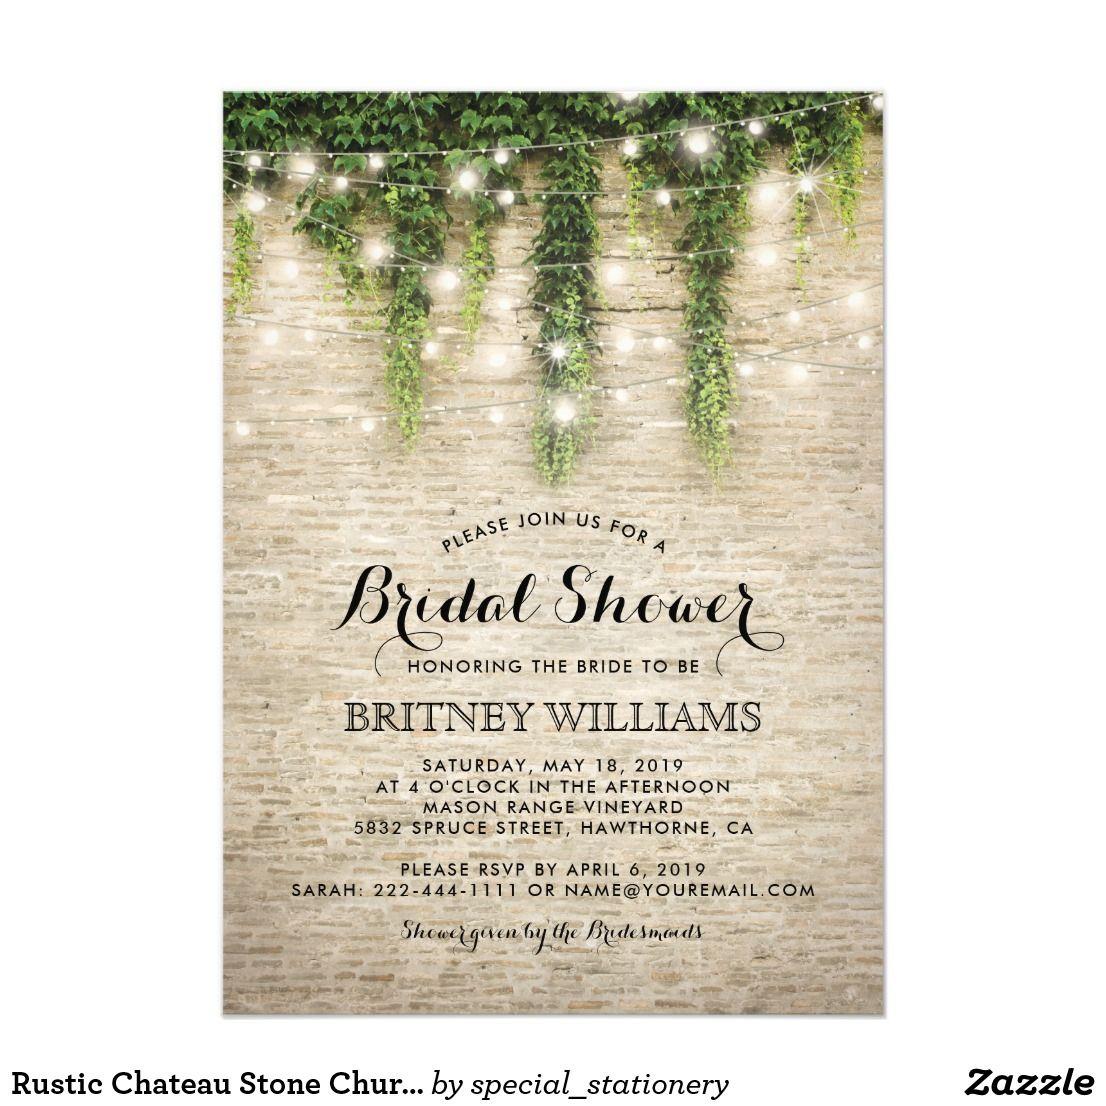 Rustic Chateau Stone Church Wedding Bridal Shower Card  Bridal